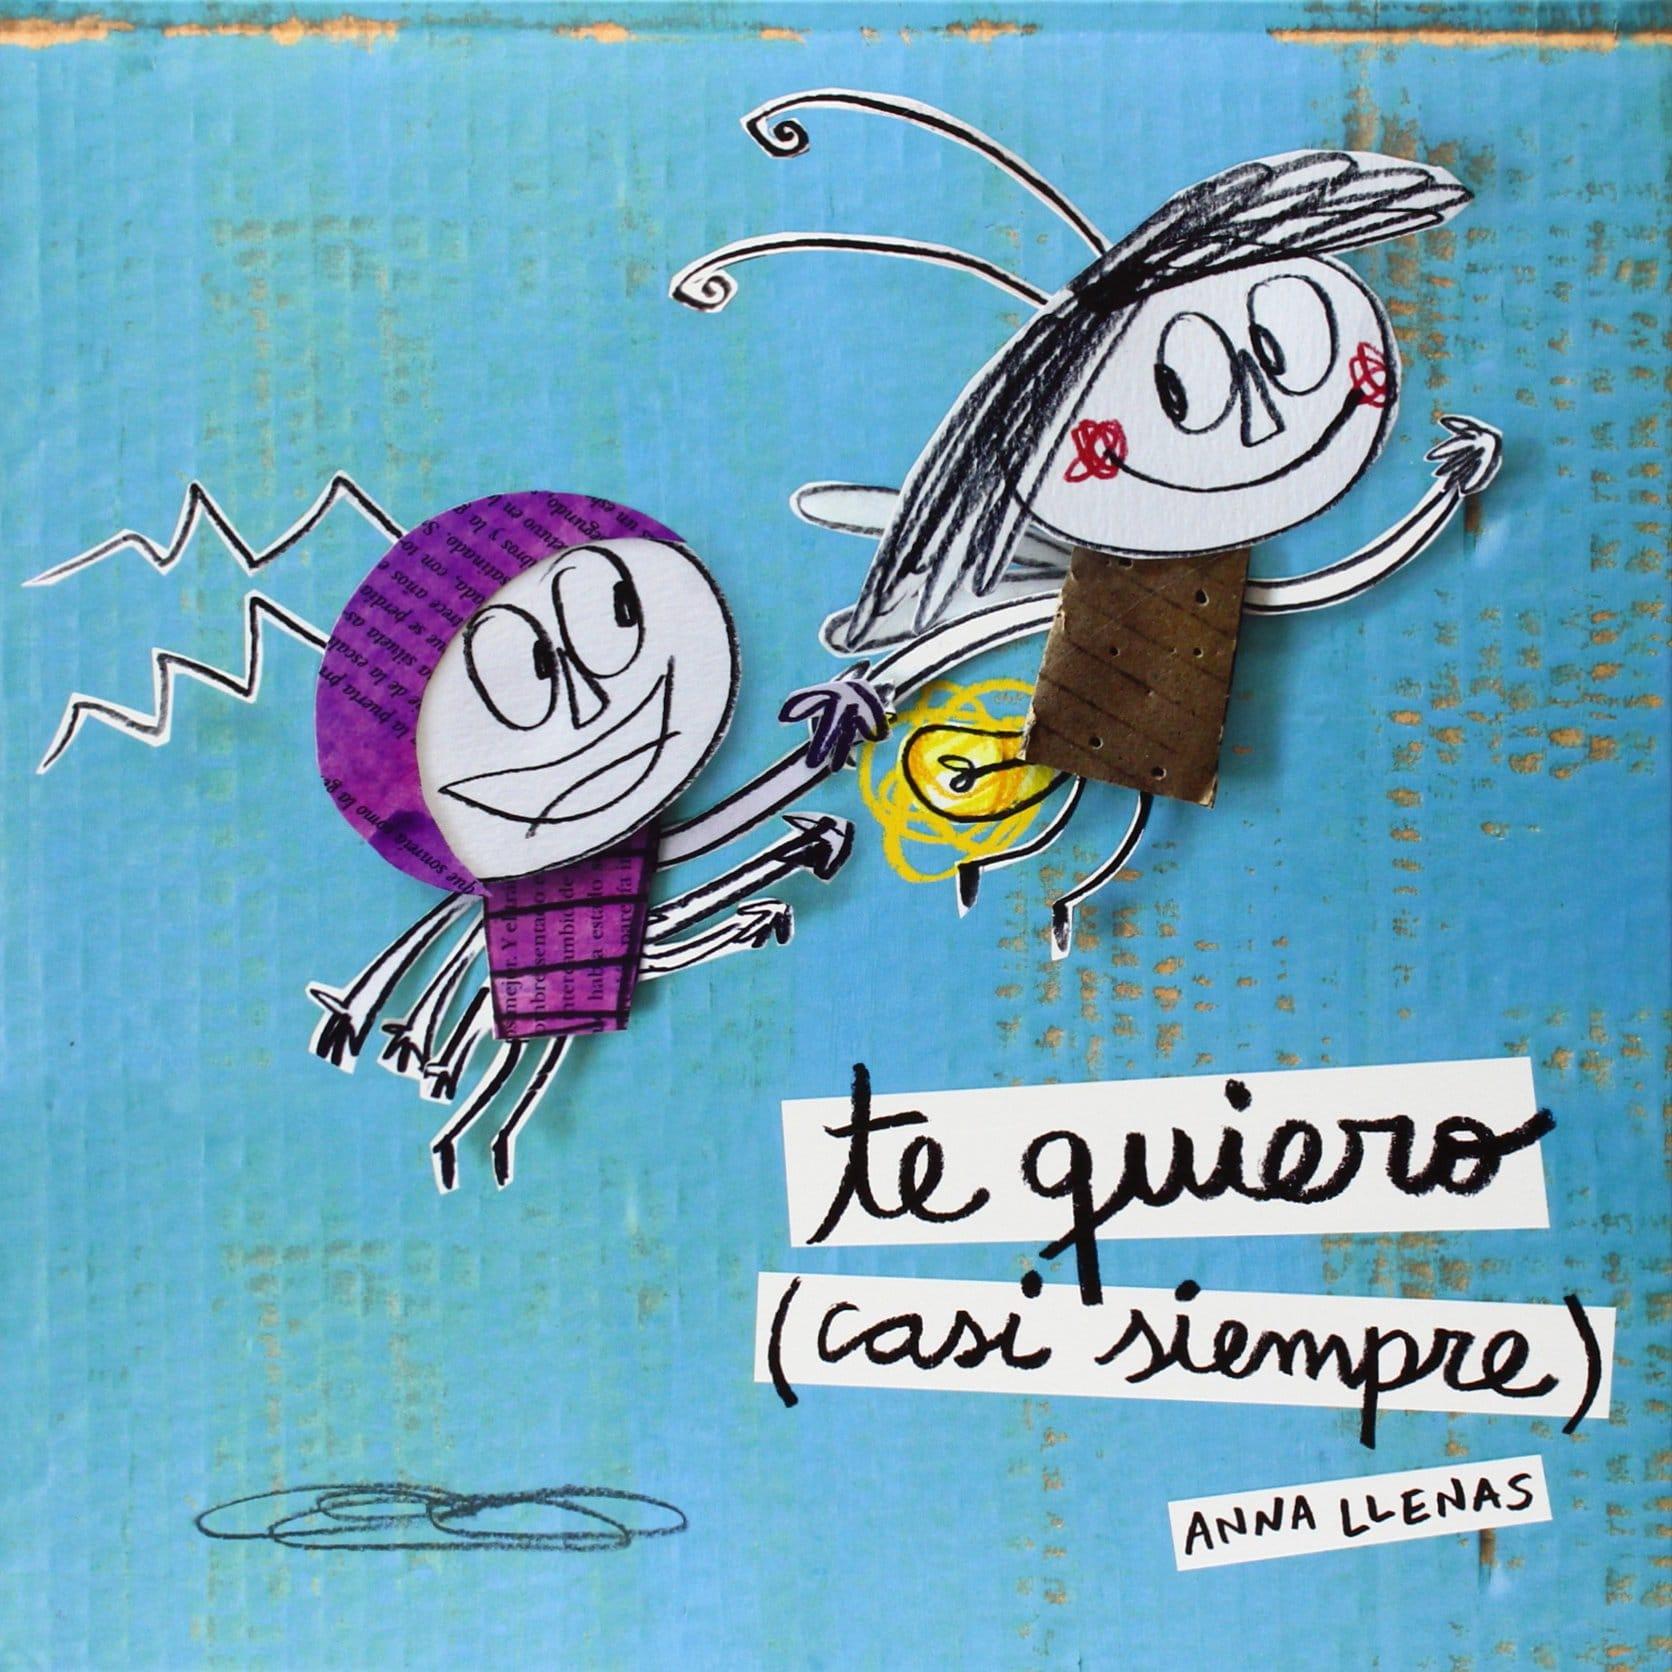 El Monstruo de Colores y Te Quiero (casi siempre), de Anna Llenas